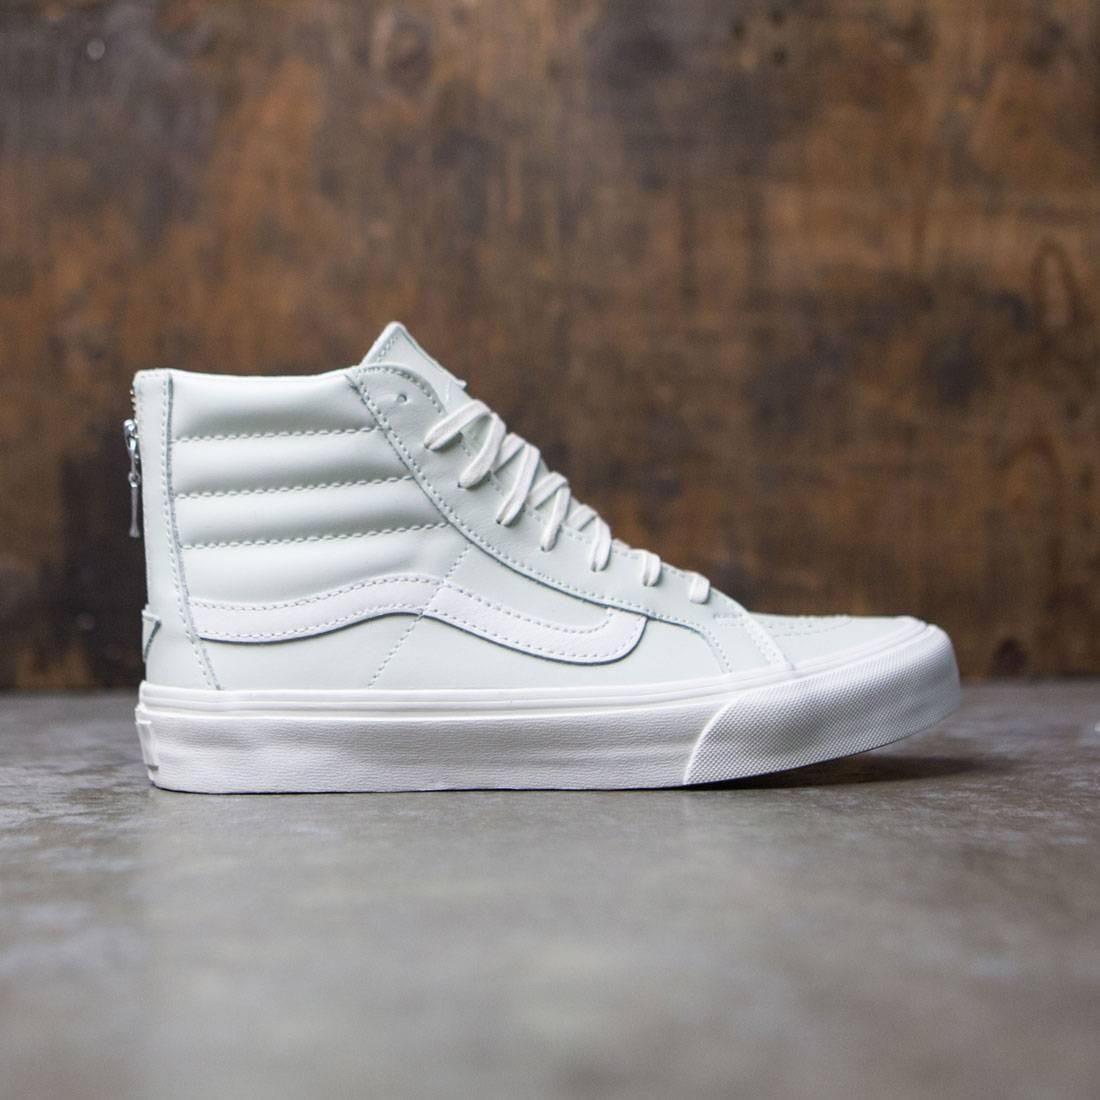 c58bef9457 Vans Women Sk8-Hi Slim Zip - Leather blue zephyr blanc de blanc